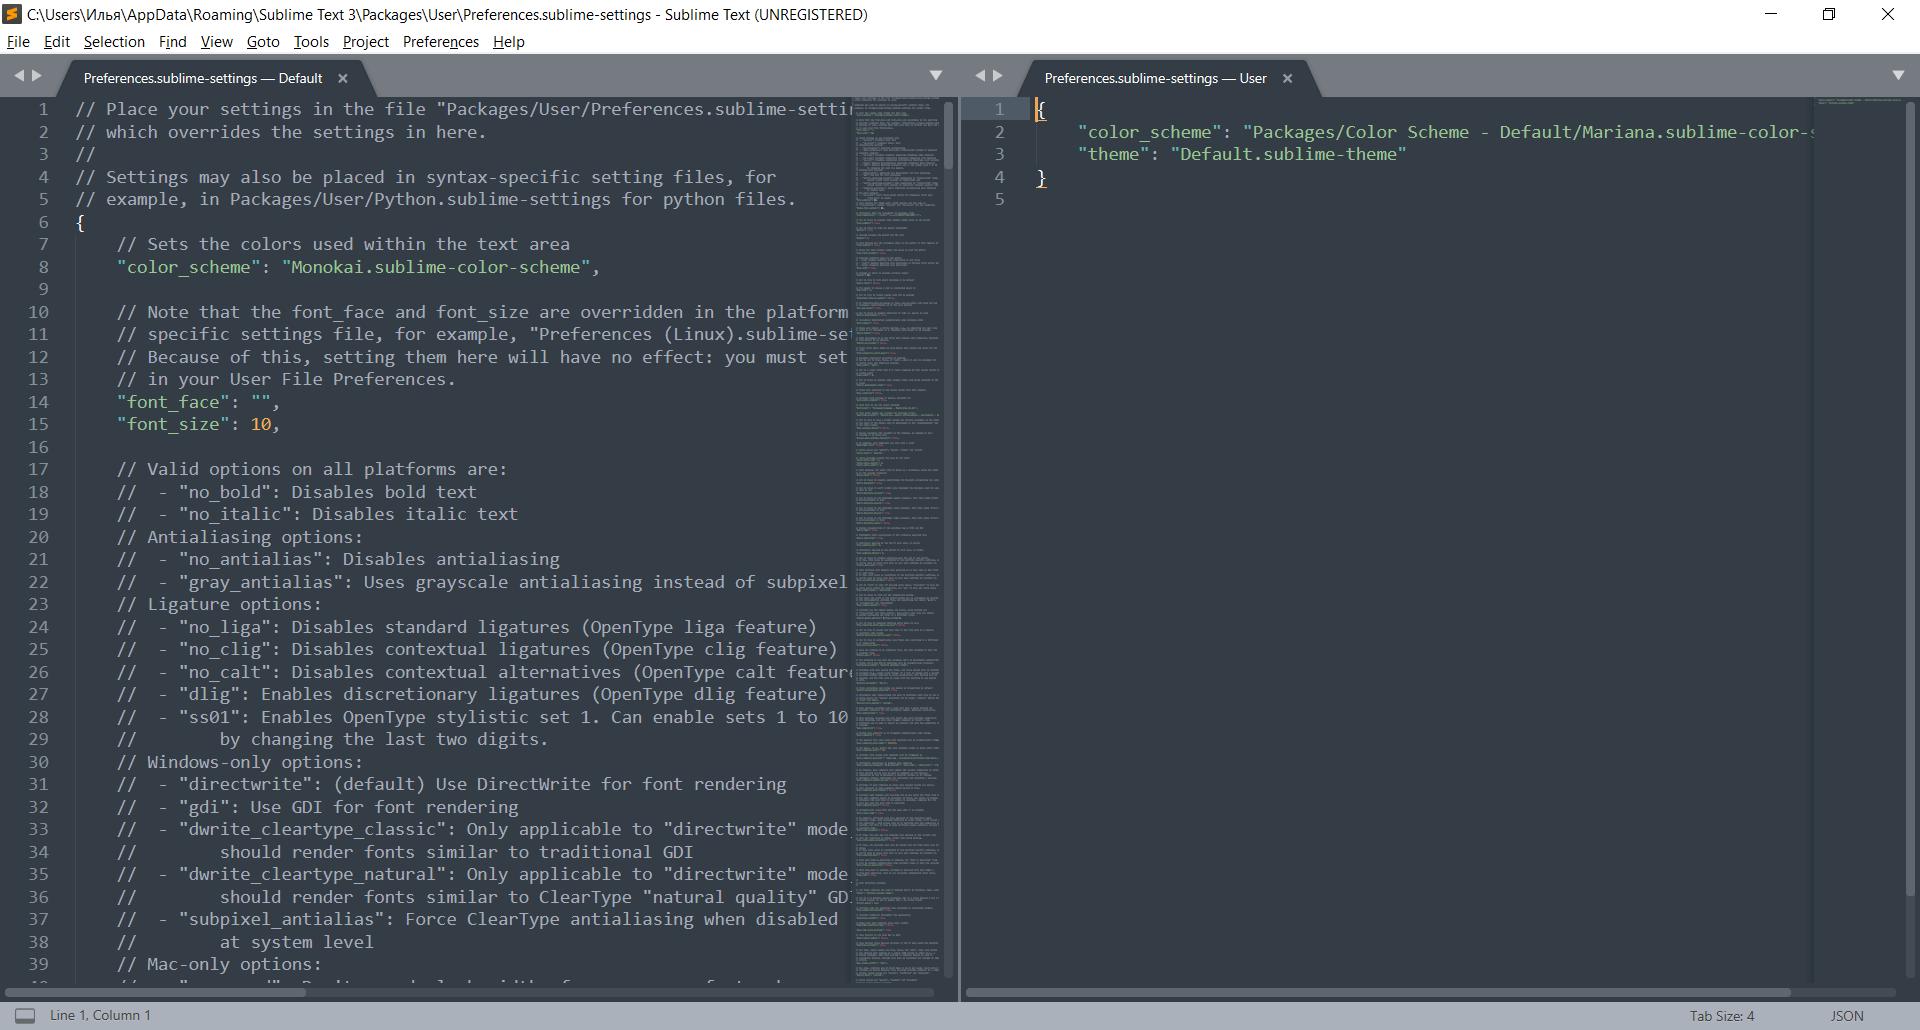 Как добавить пользовательскую тему в Sublime Text 3